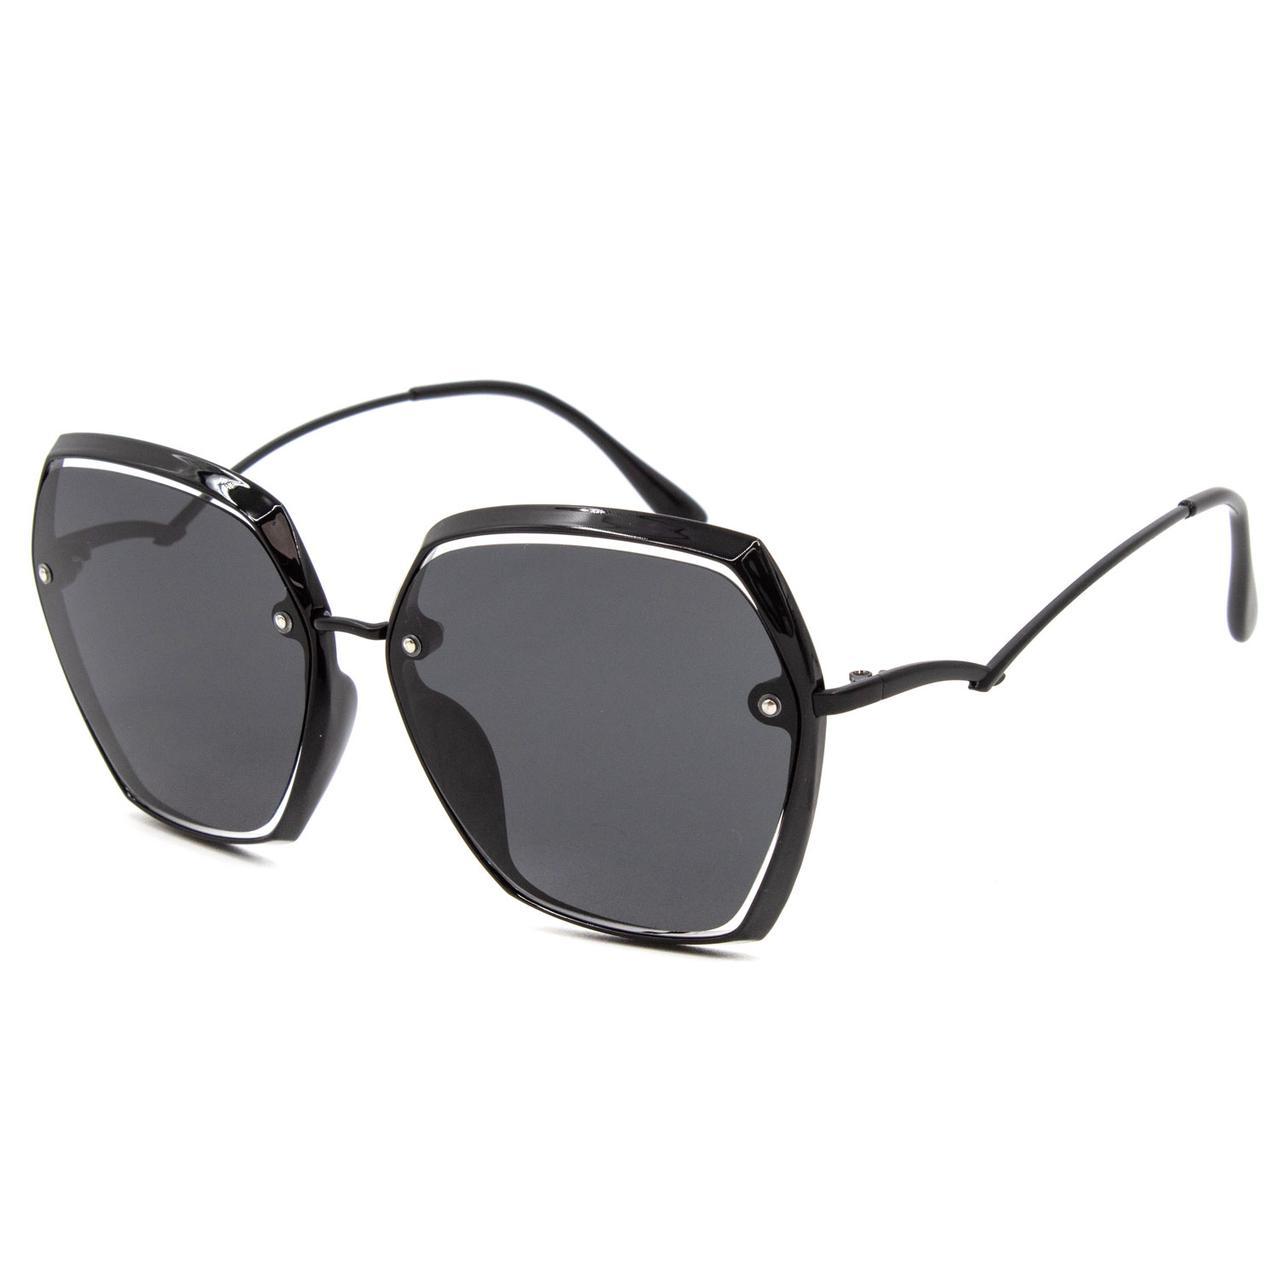 Солнцезащитные очки Marmilen Polar 2206 T1-1 черные оправа металл   ( 2206-T1-1 )